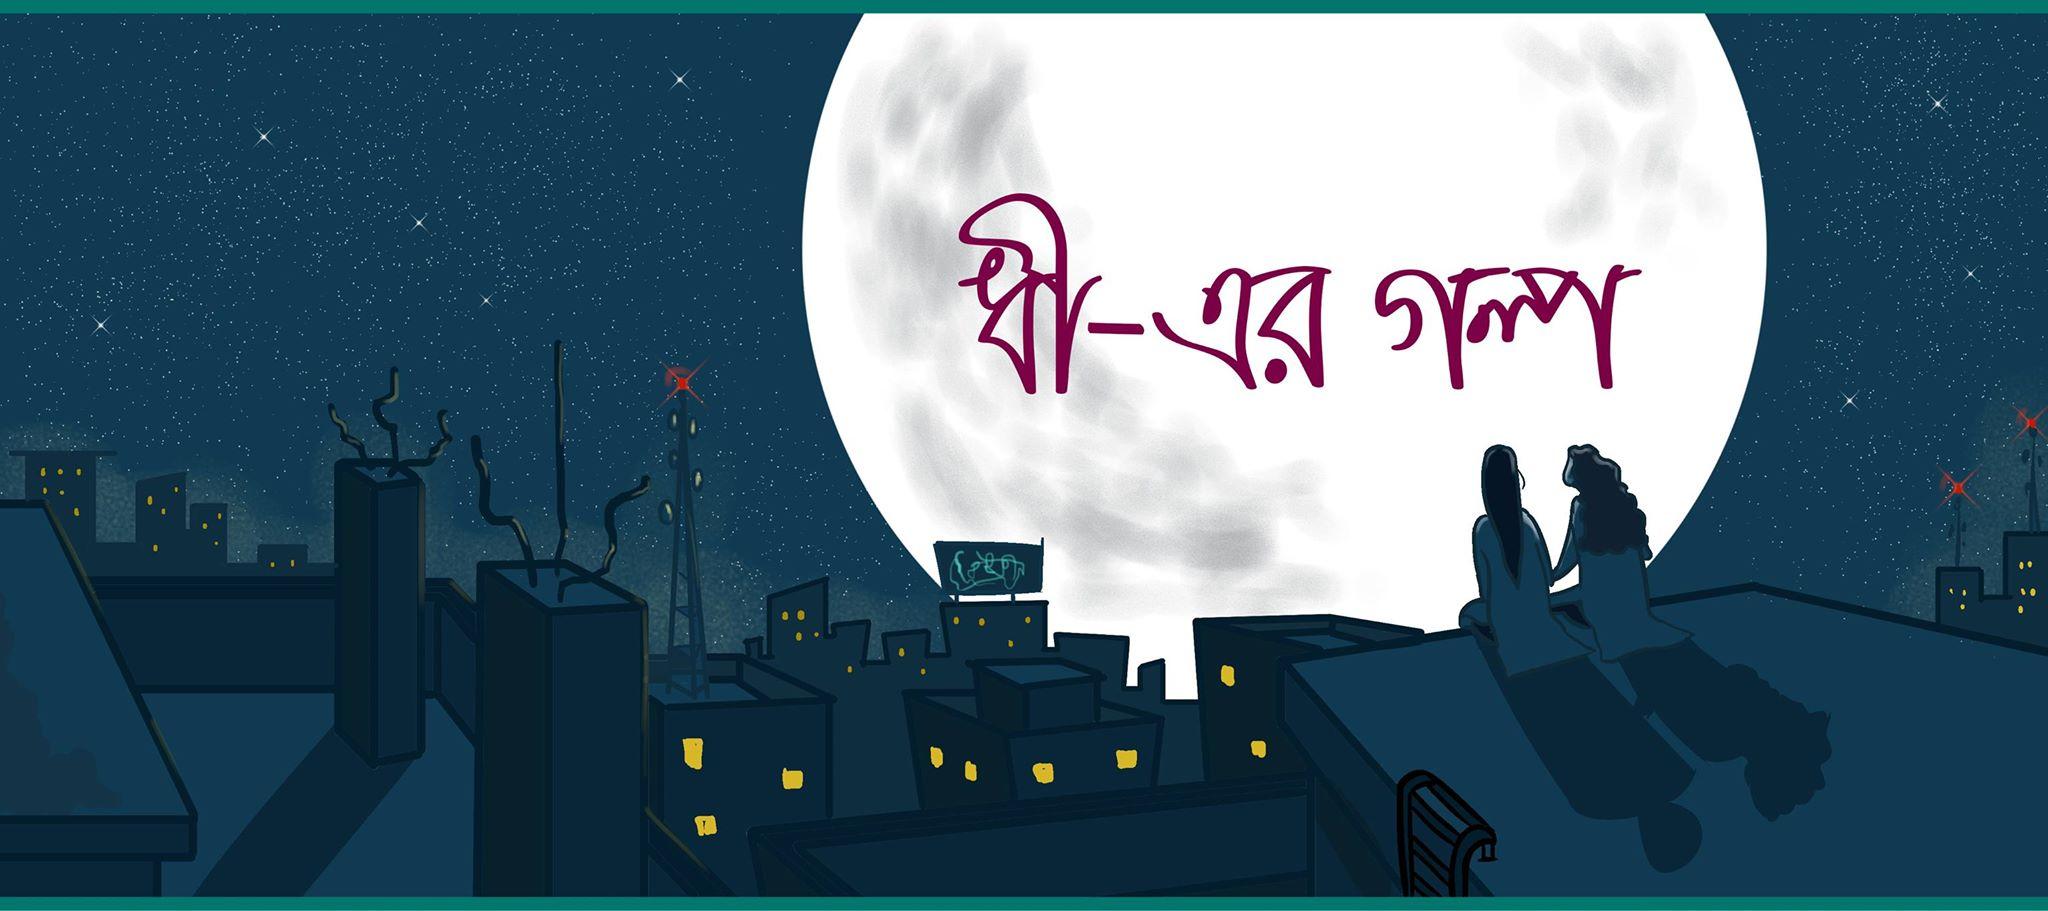 Dhee, une première bande dessinée lesbienne au Bangladesh